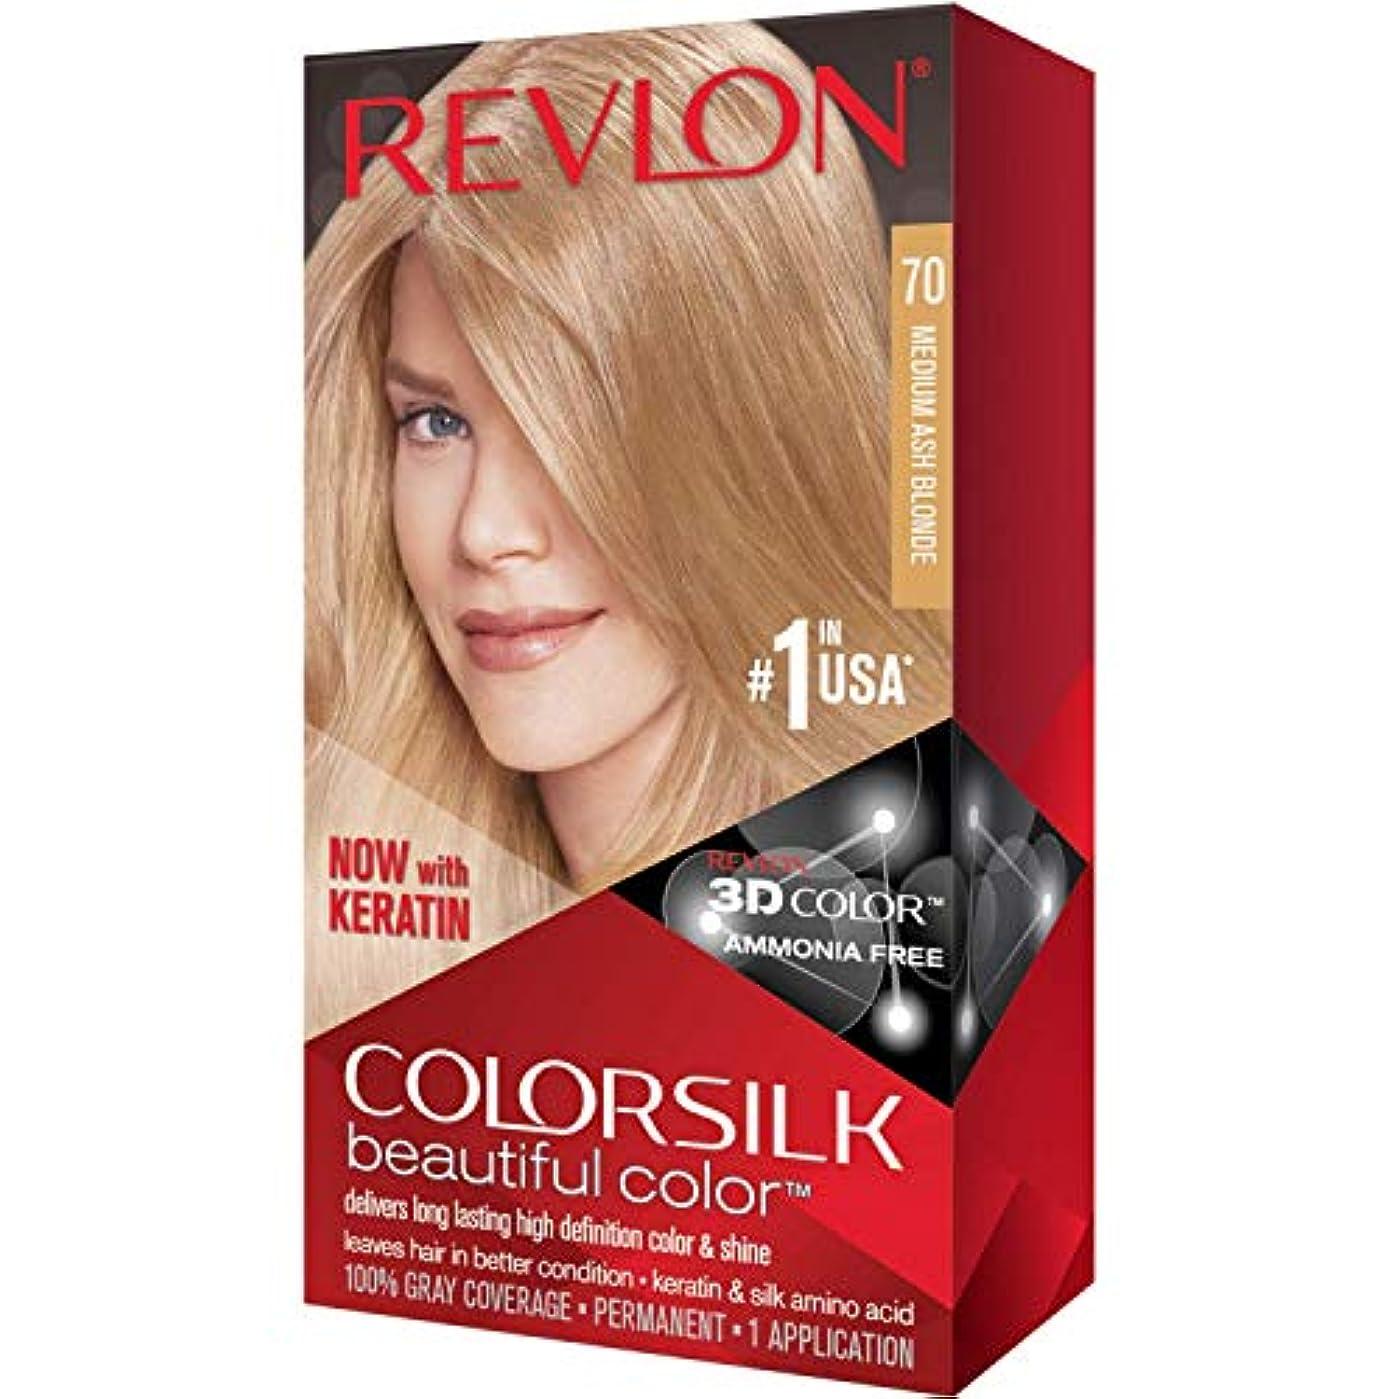 必要とするバズスタイル海外直送品Revlon Colorsilk Natural Hair Color, 7A Medium Ash Blonde each by Revlon